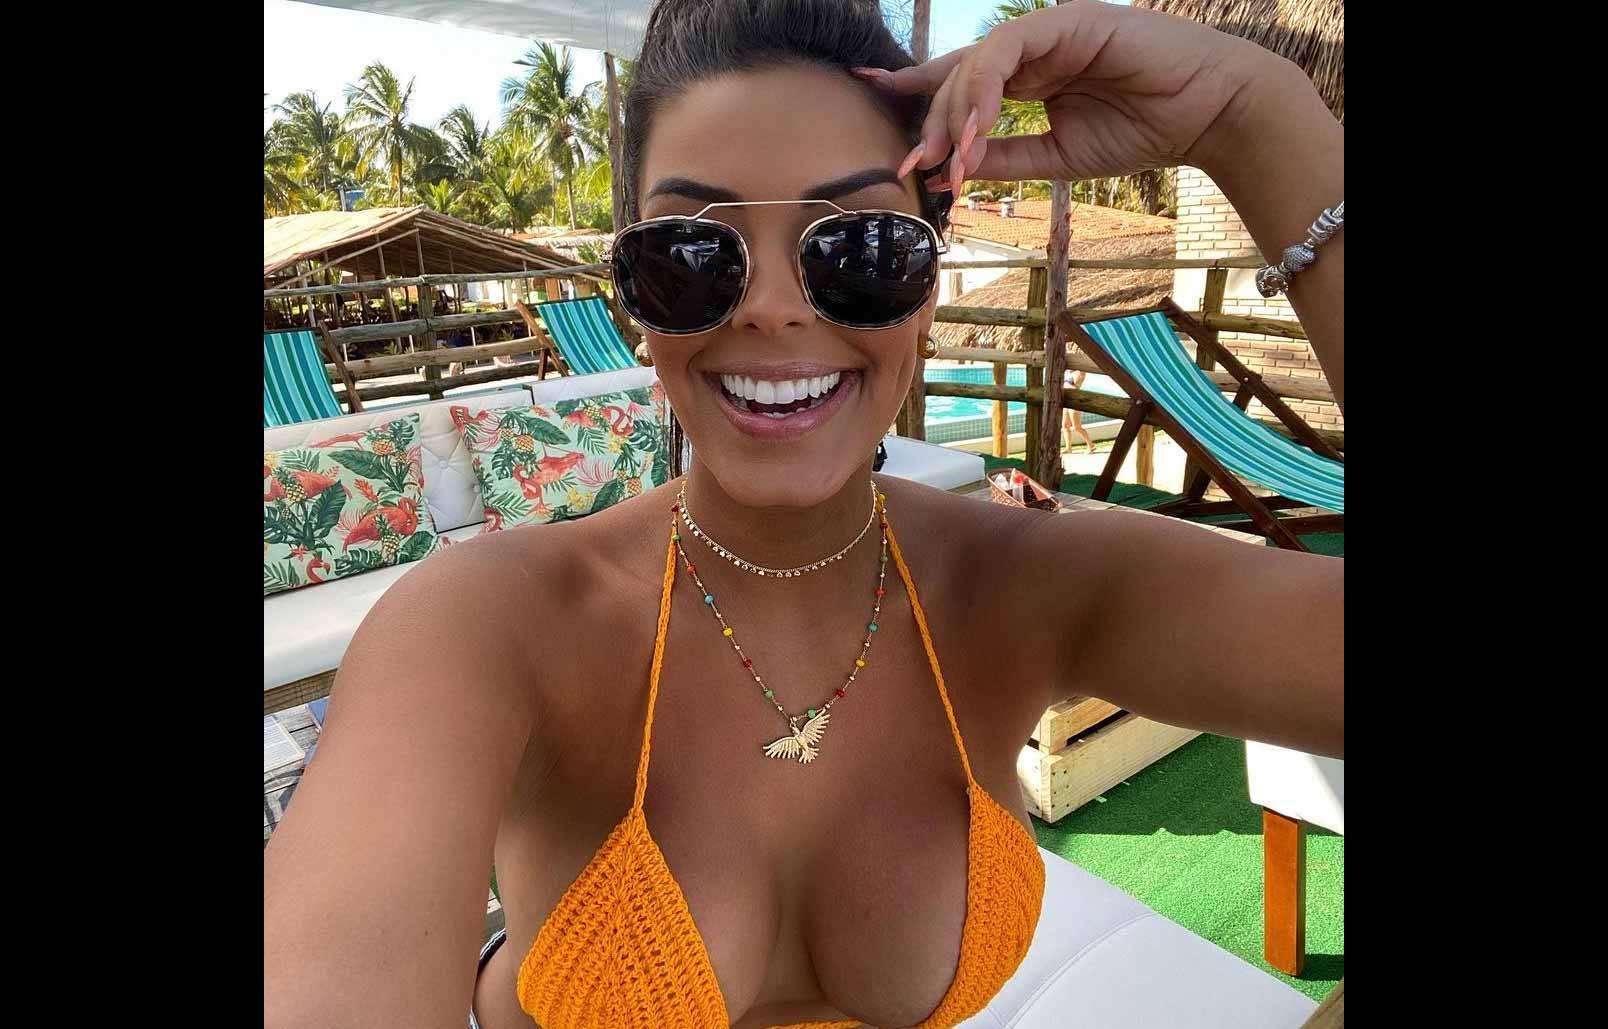 Ivy Moraes exibe seios turbinados e chama atenção dos fãs. Foto: Reprodução Instagram